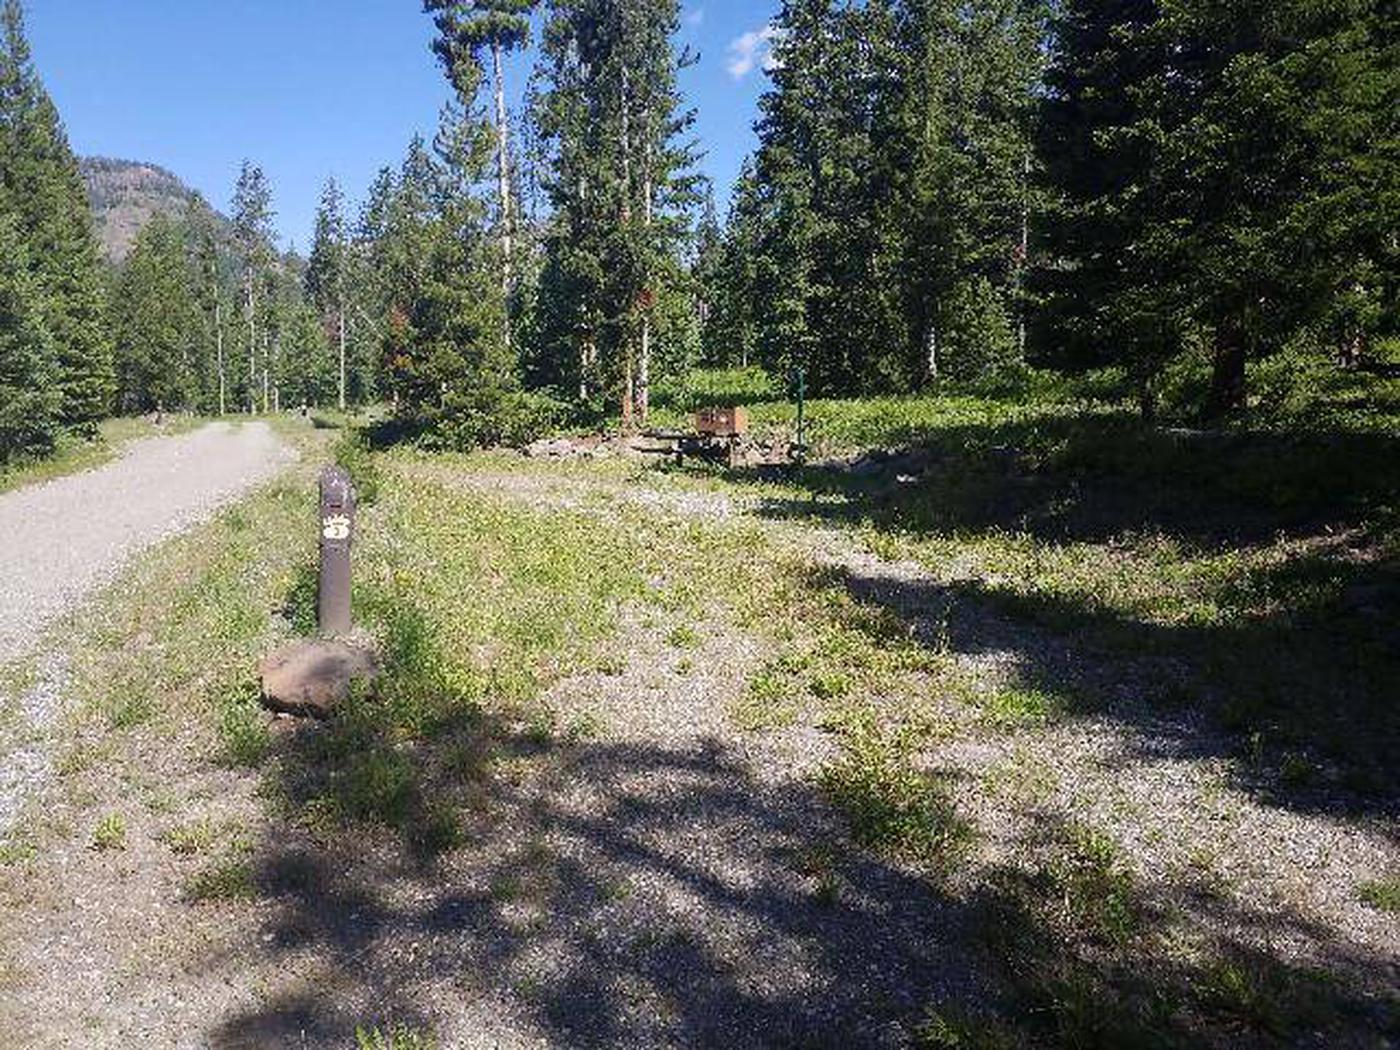 Threemile Campground Campsite 3 - Post